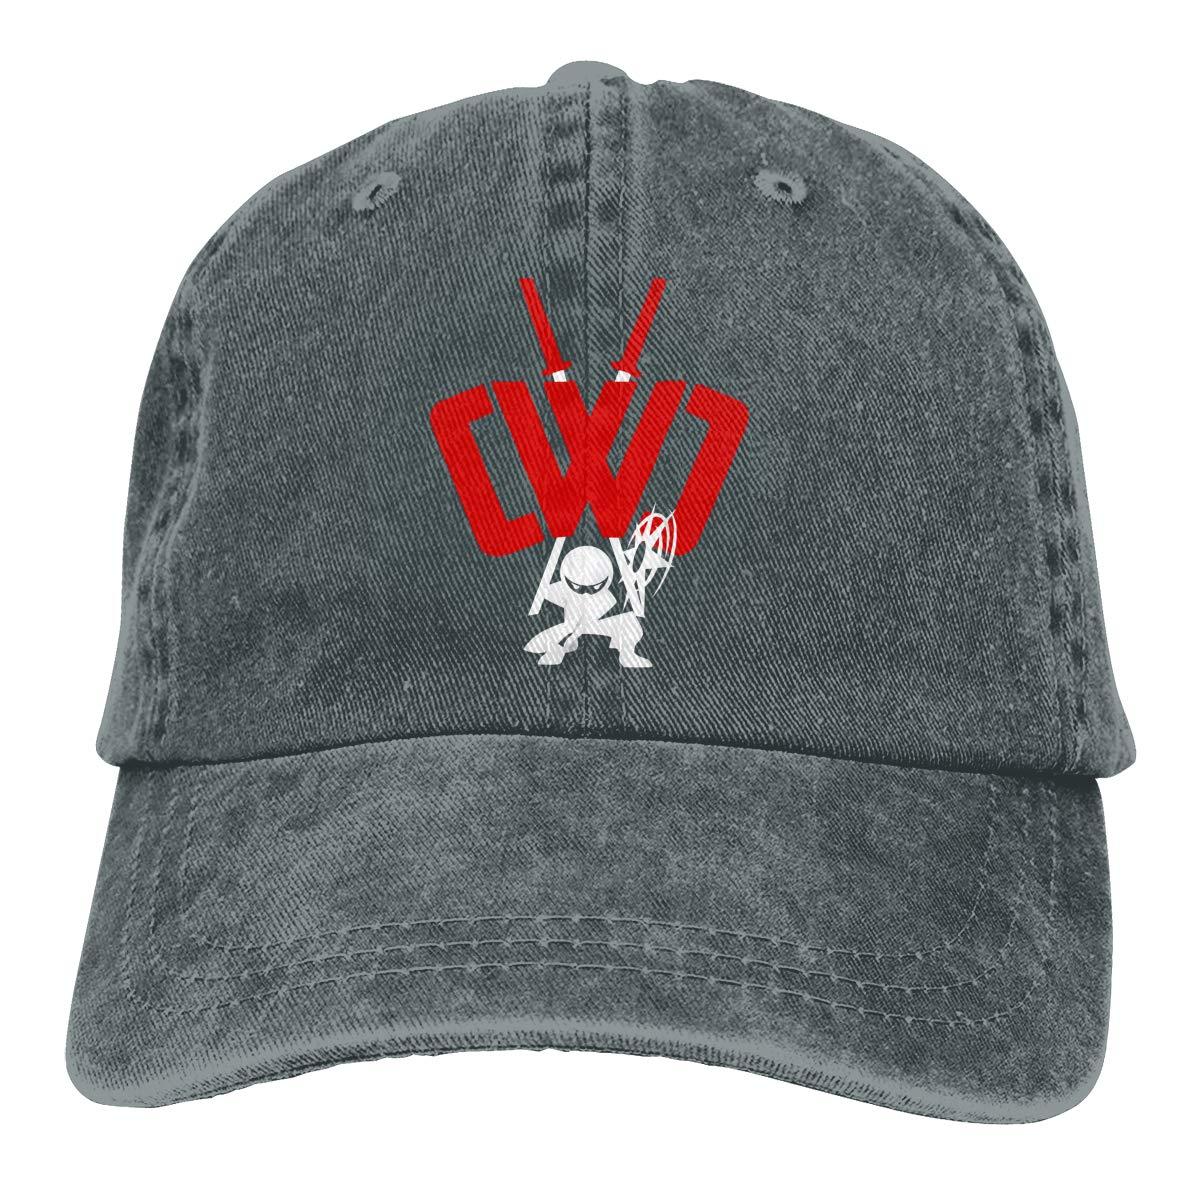 CWC Chad Wild Clay Ninja Adjustable Baseball Caps Denim Hats ...